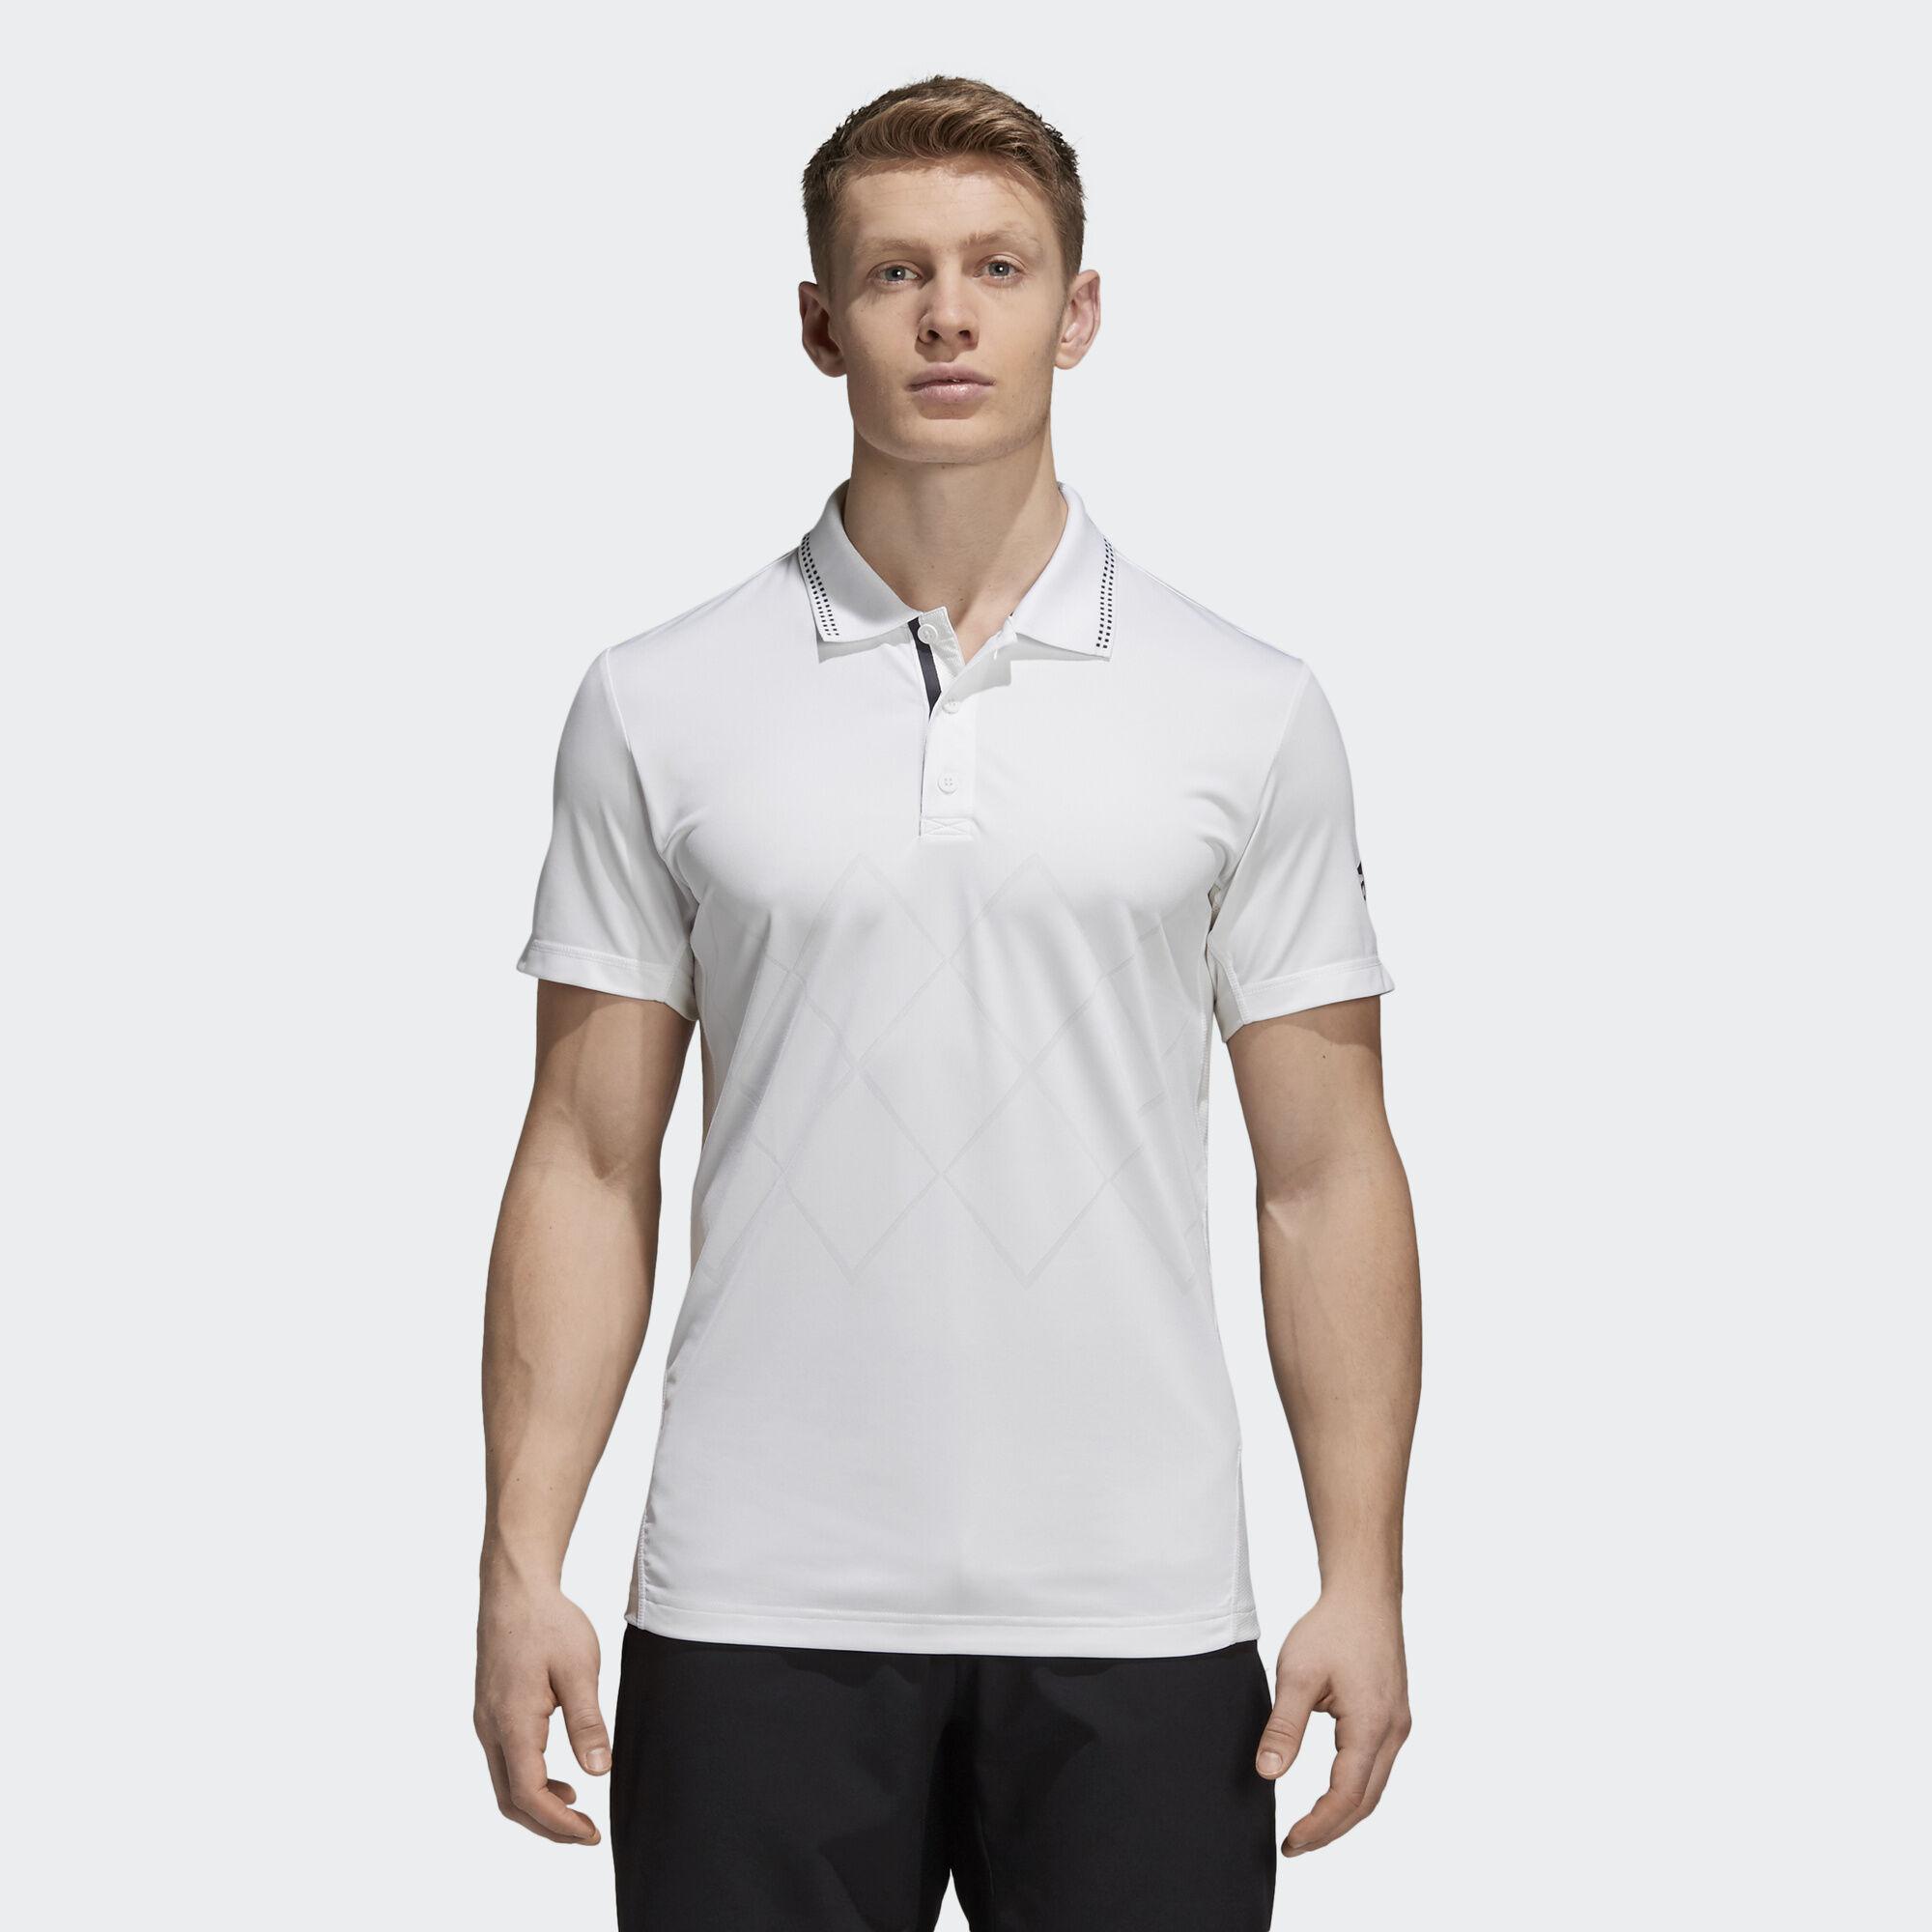 Adidasbarricade engineered polo shirt white adidas for Adidas barricade polo shirt